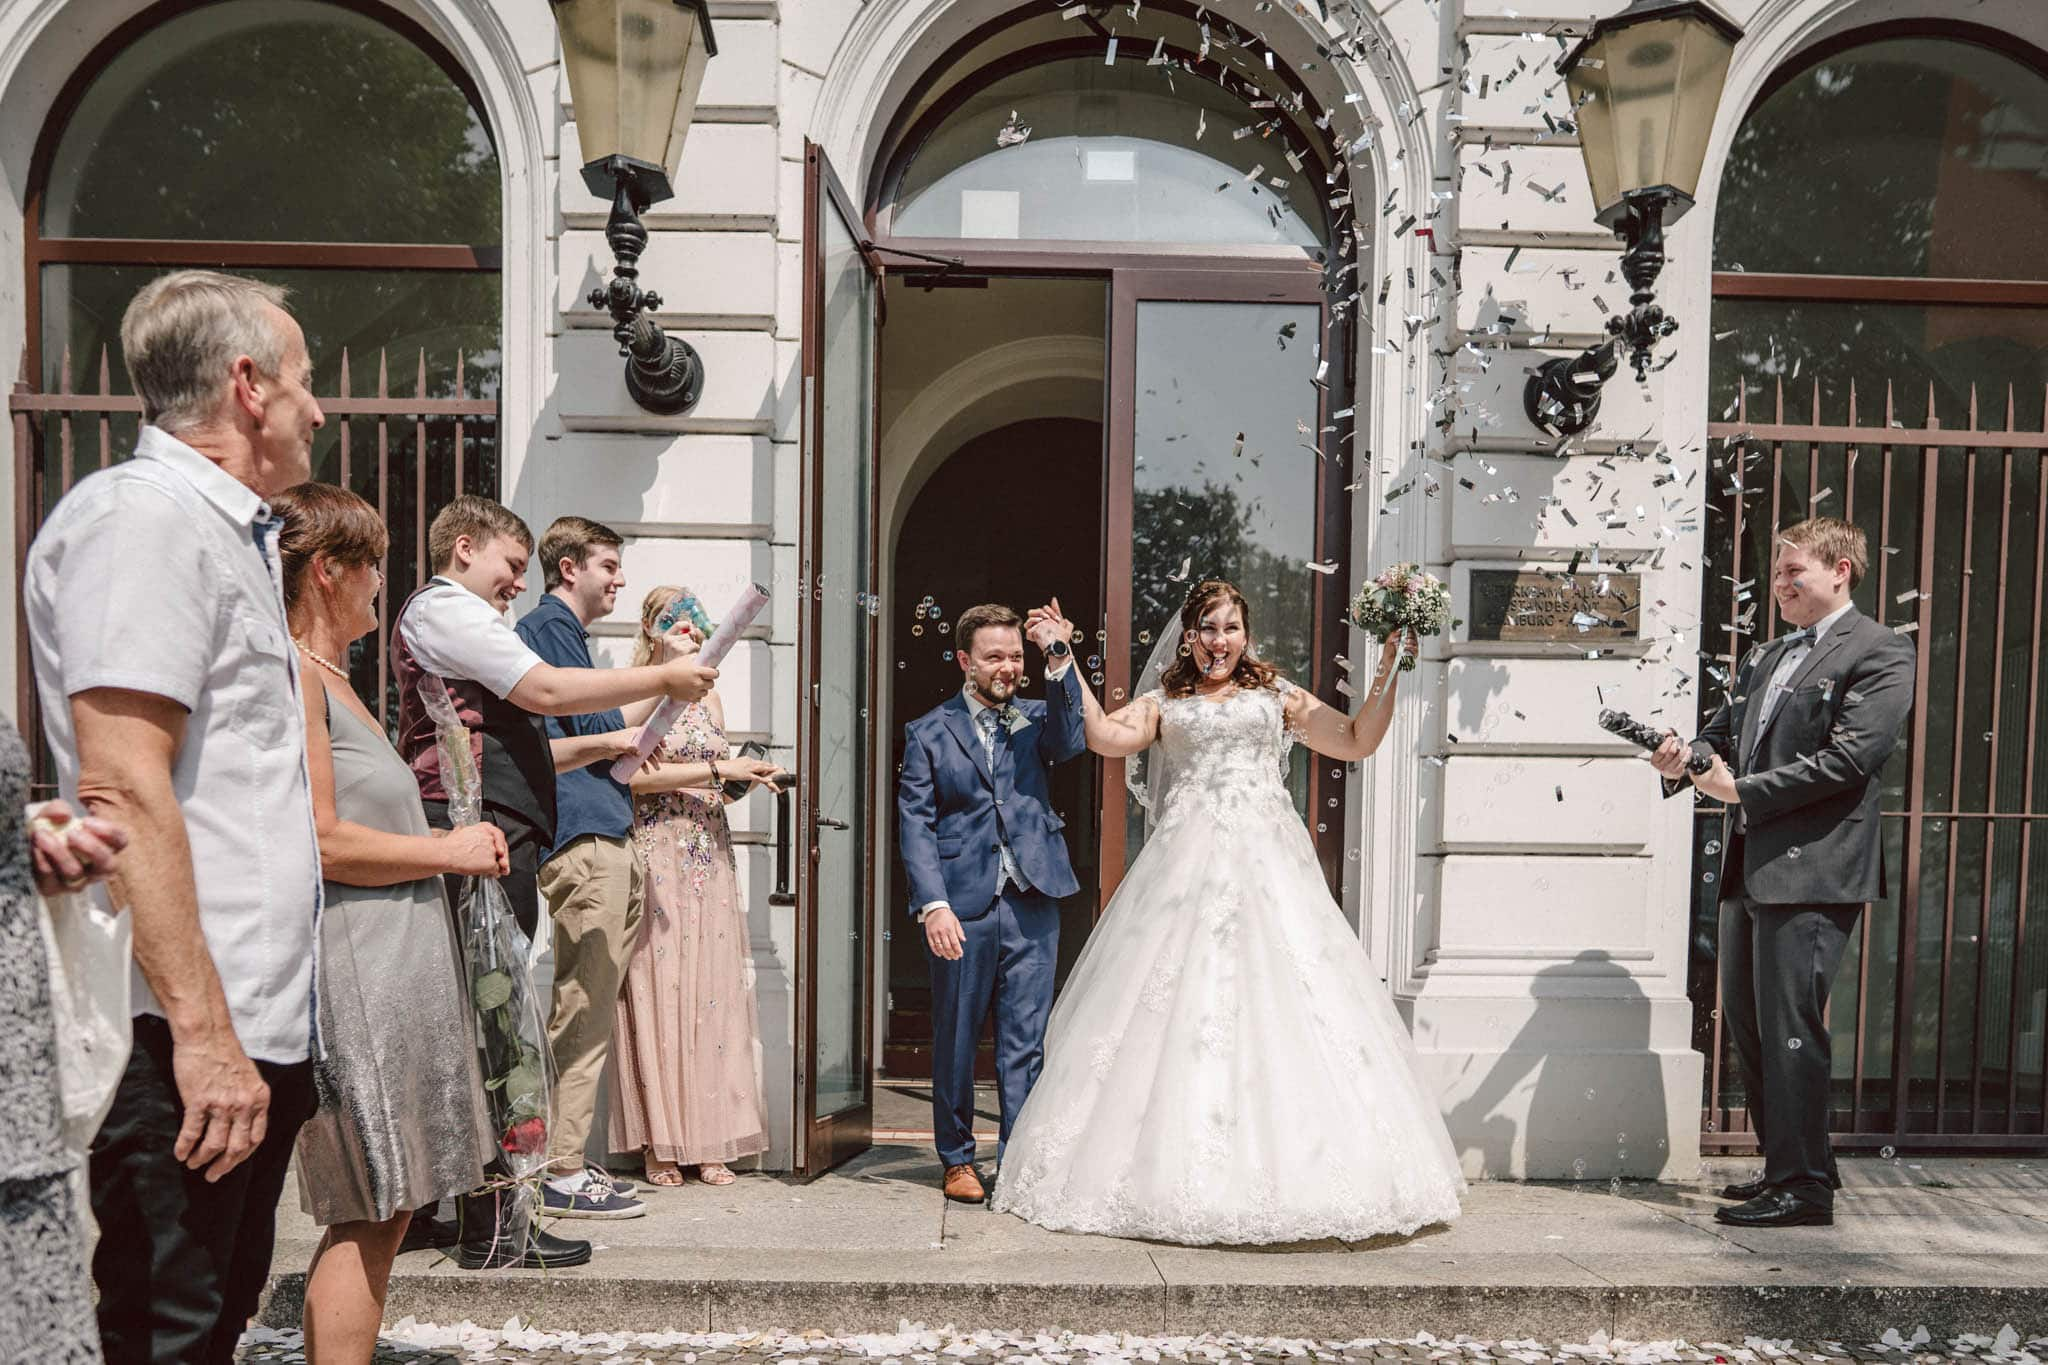 Hochzeitsfieber by Photo-Schomburg, Hochzeitsfotograf, Hamburg, Altona, wedding, Standesamt Altona, Appen, Hochzeitsshooting, Hochzeitstag, Brautpaar-54